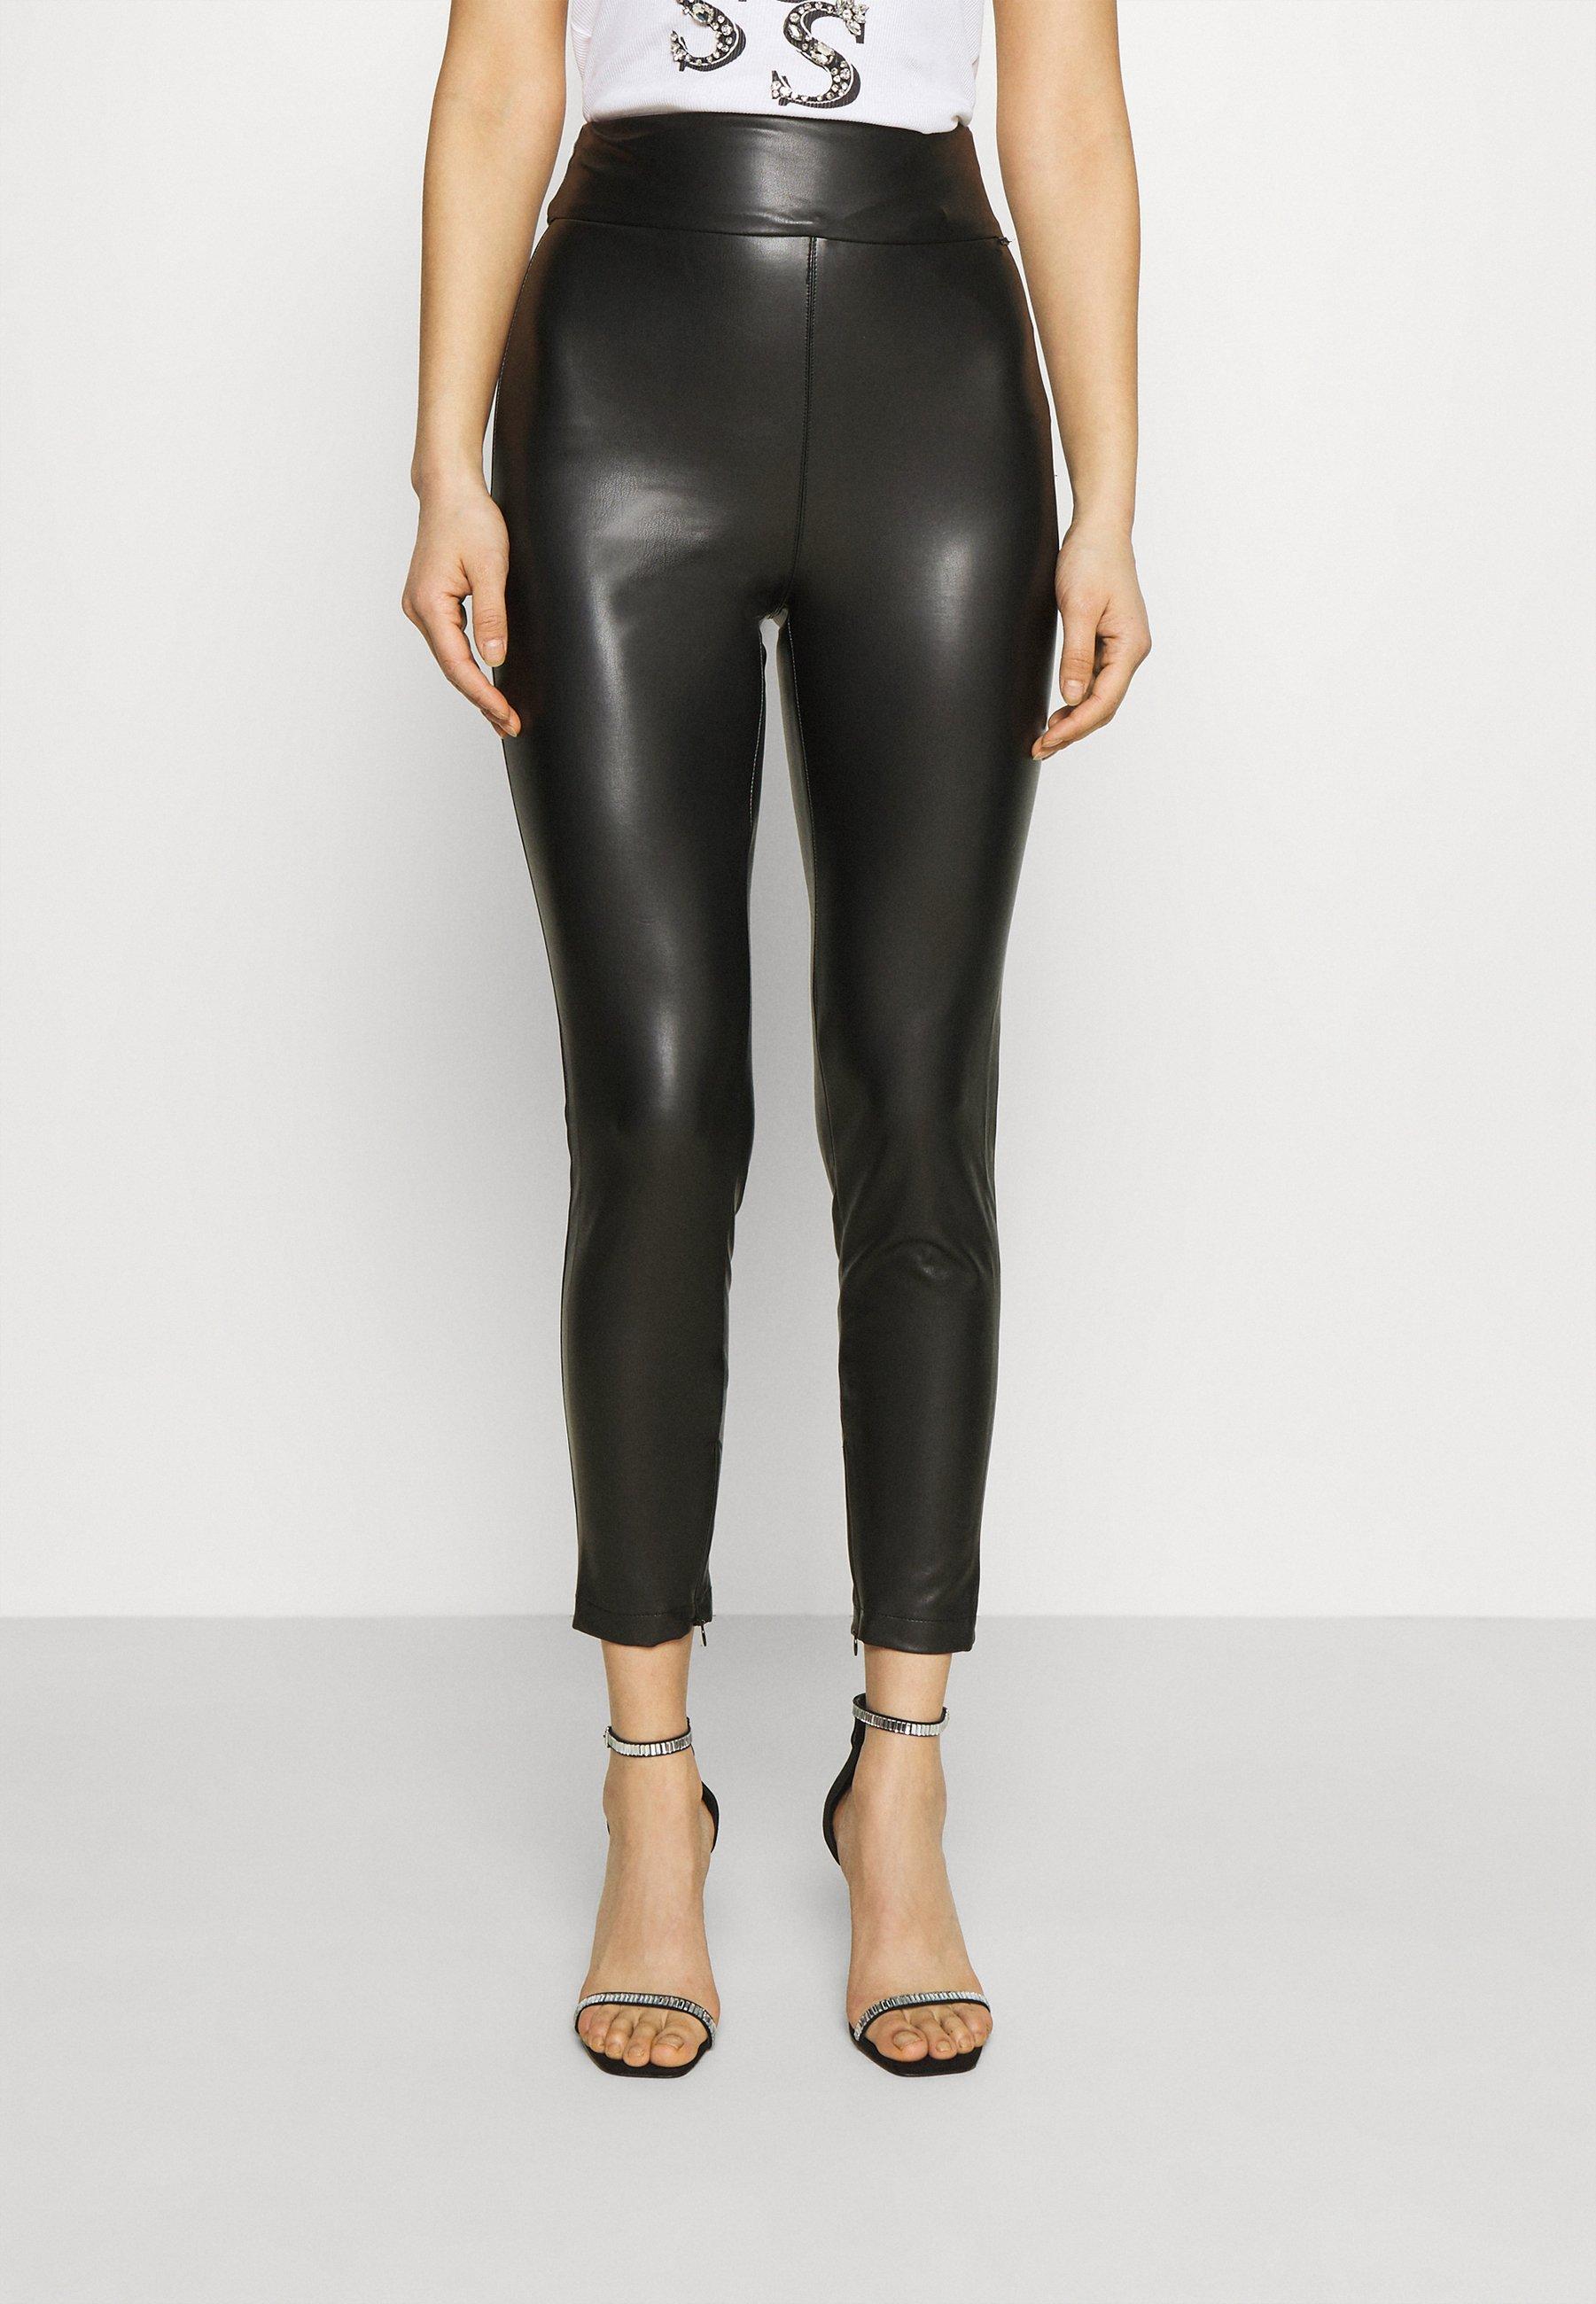 Damen PRISCILLA  - Leggings - Hosen - jet black